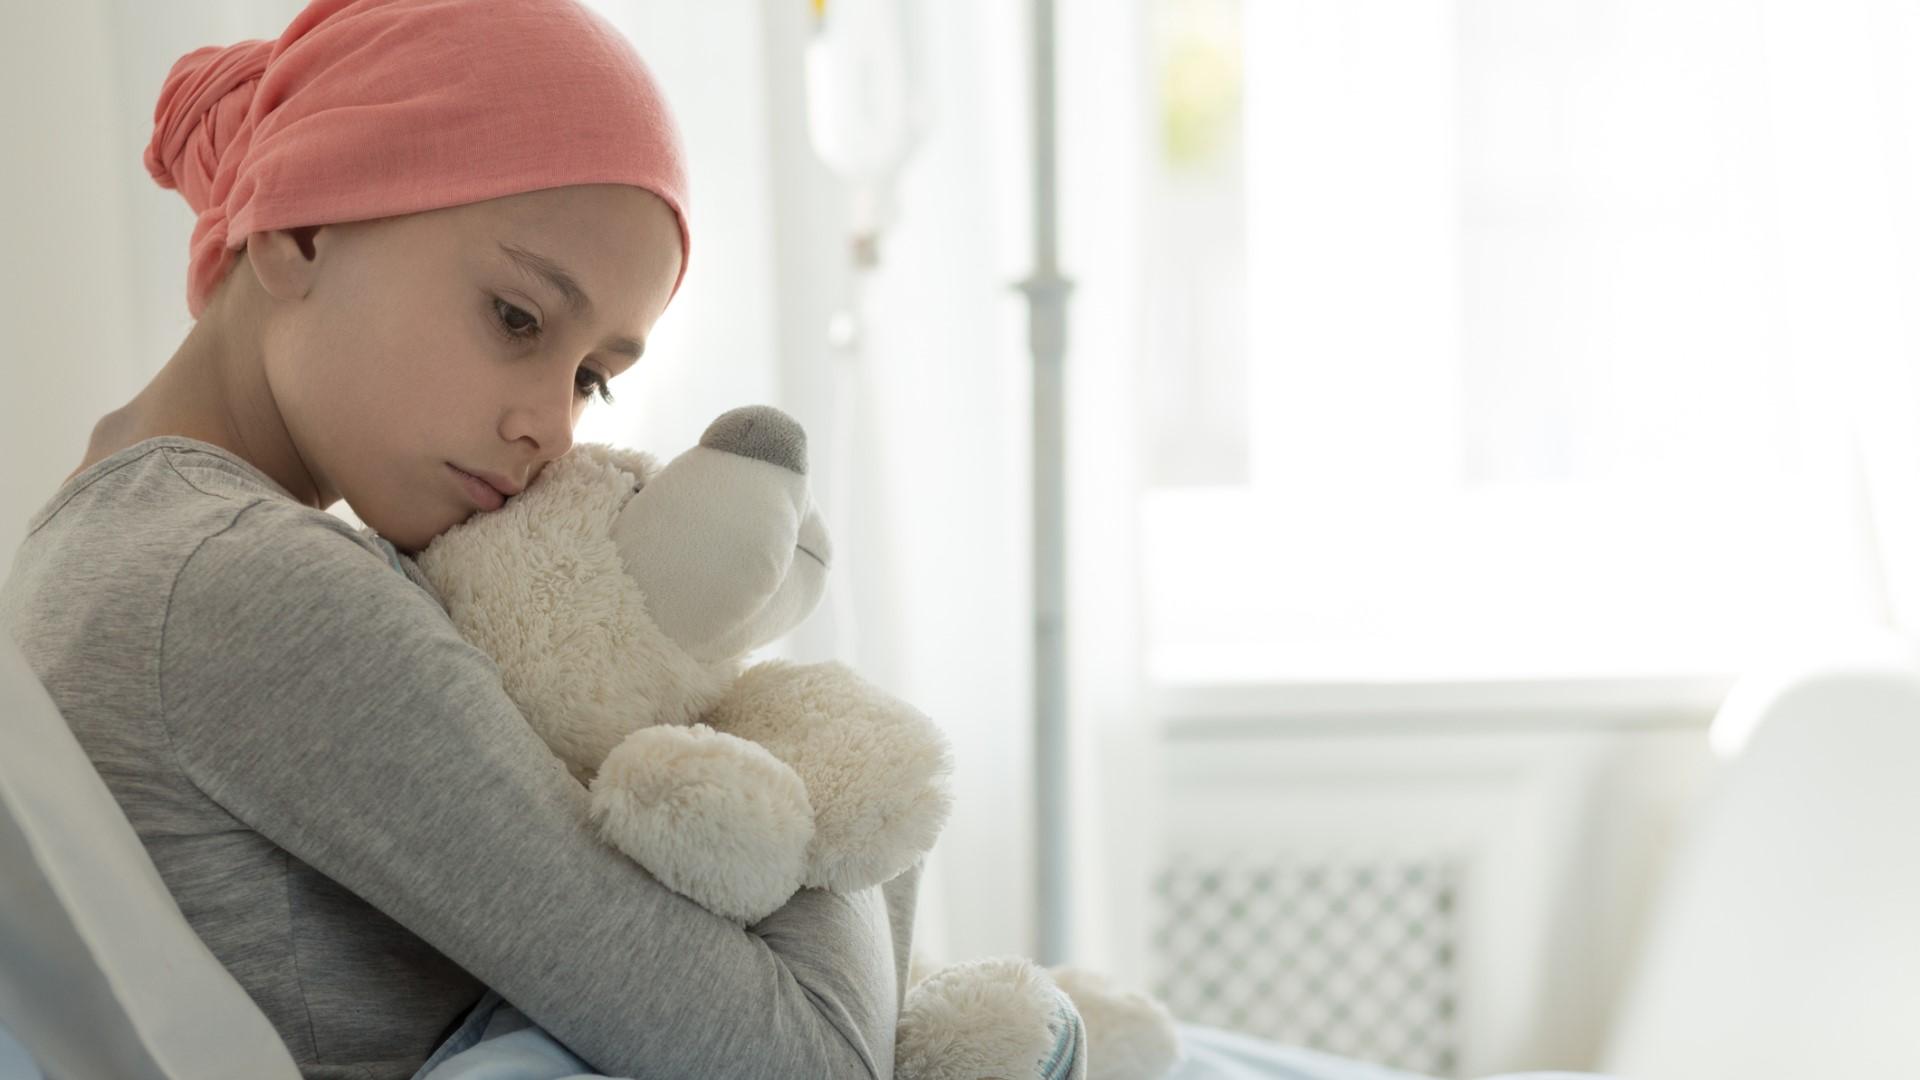 webová stránka pro pacienty s rakovinou st paul mn speed dating